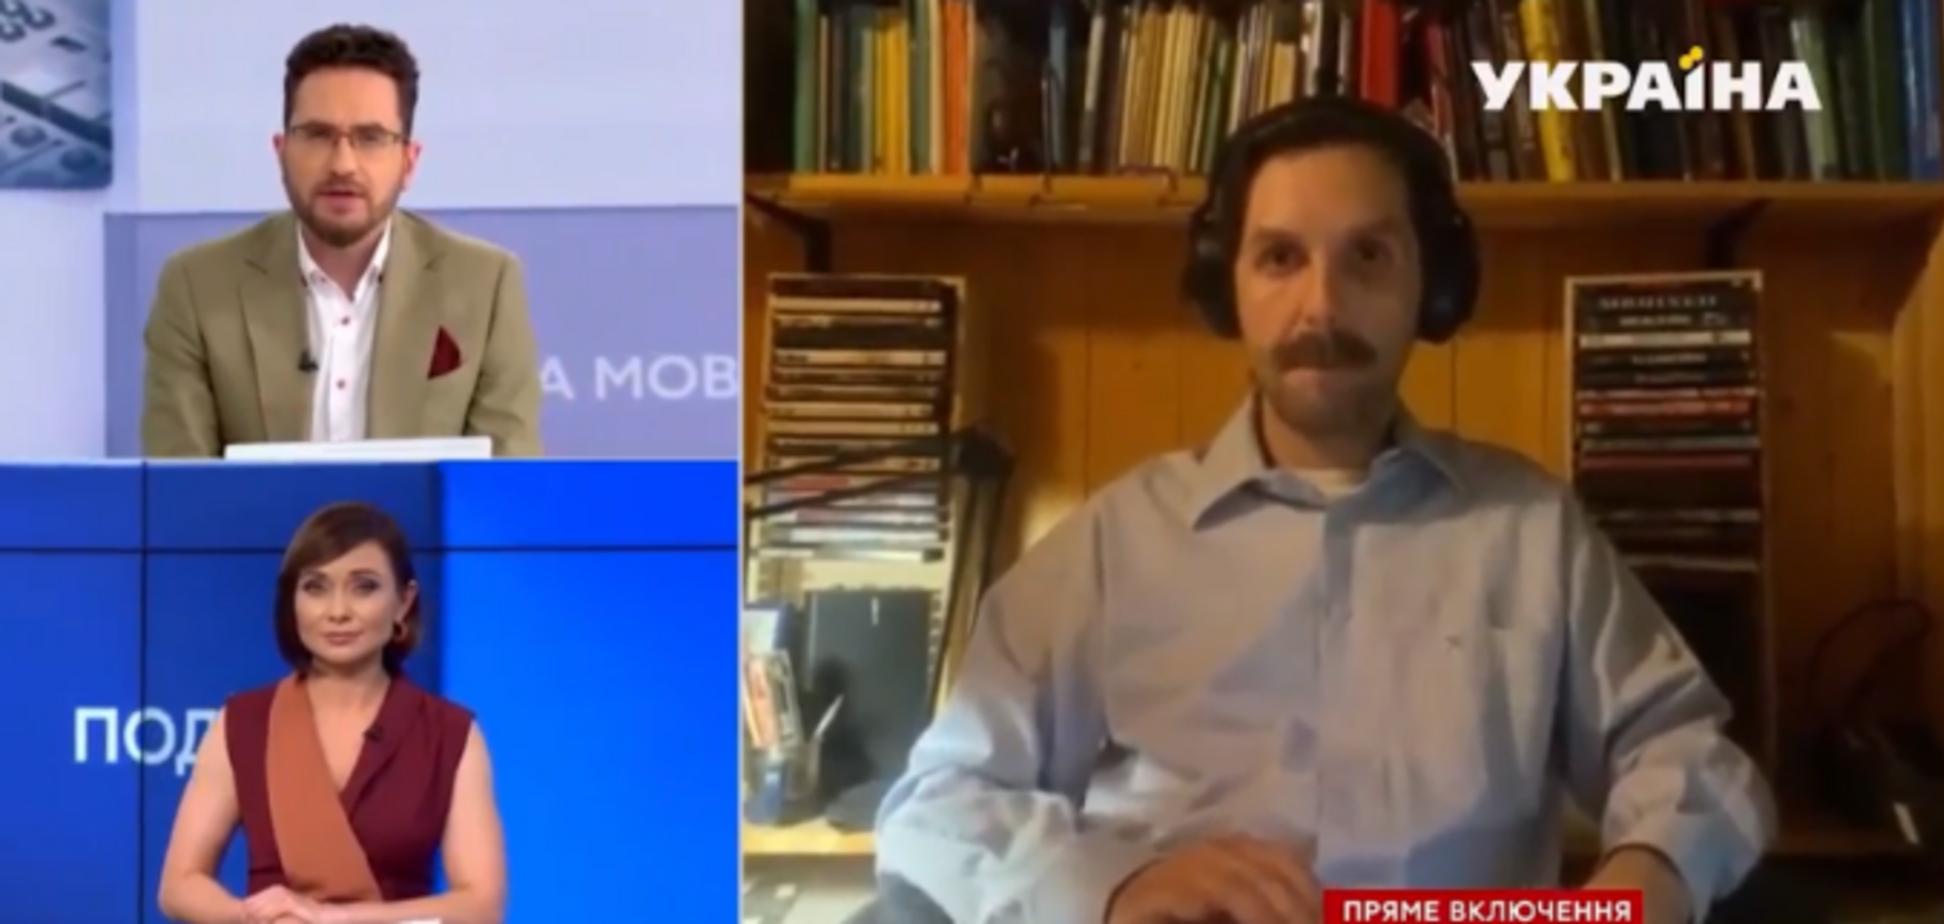 На українському телеканалі в прямий ефір потрапило відео з голою жінкою